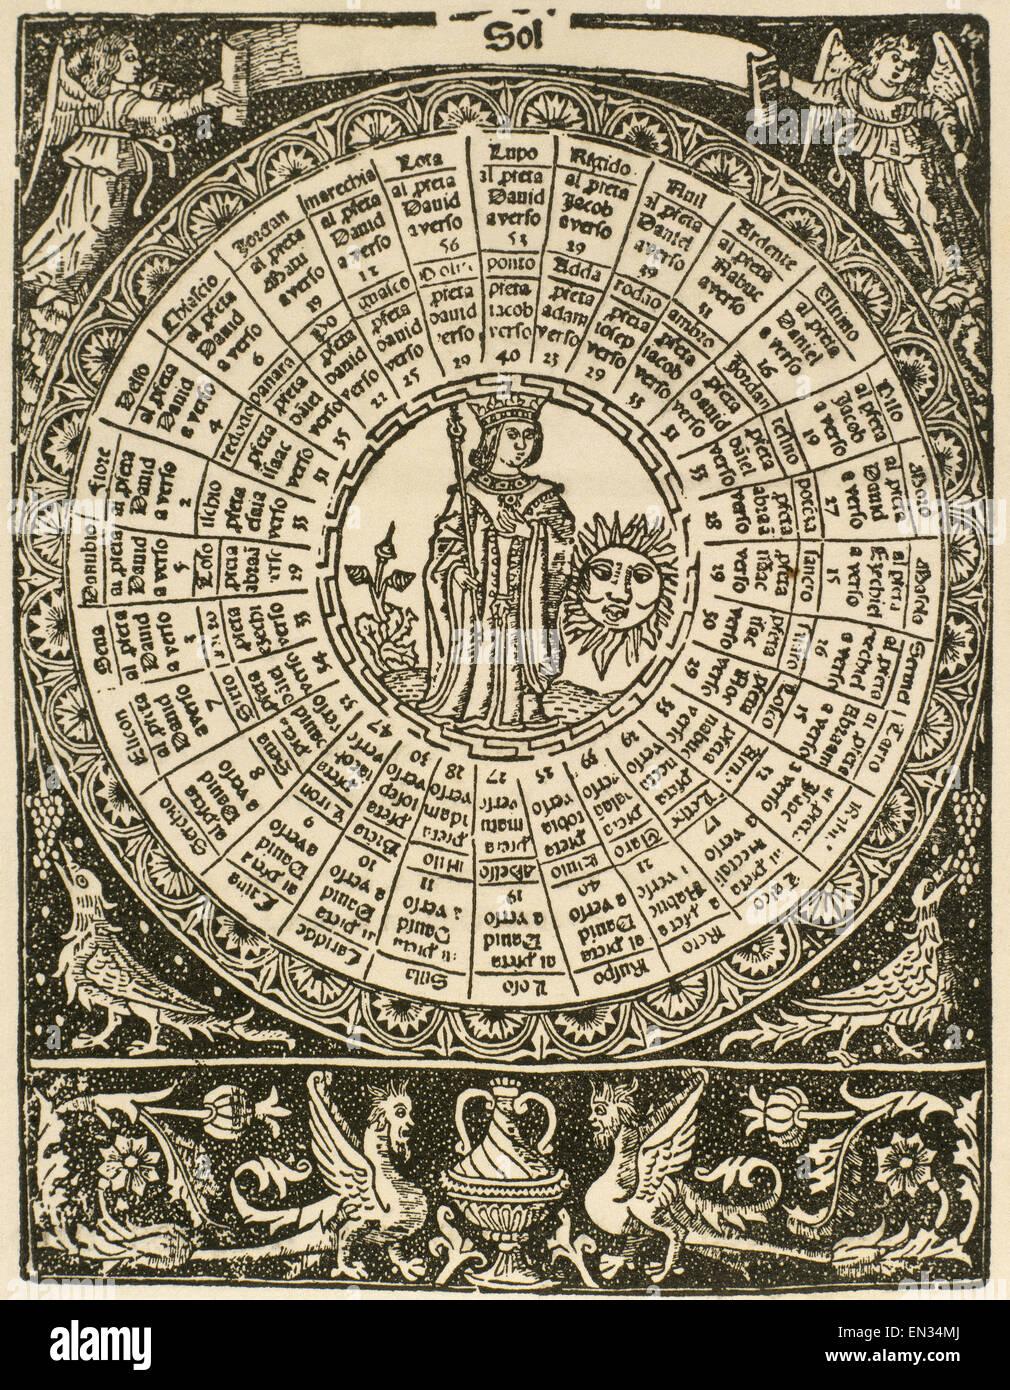 The Sun. Illustration. Libro del Juego del las Suertes. Practicas augurales by Jordi Costilla,  1515. Engraving. Stock Photo